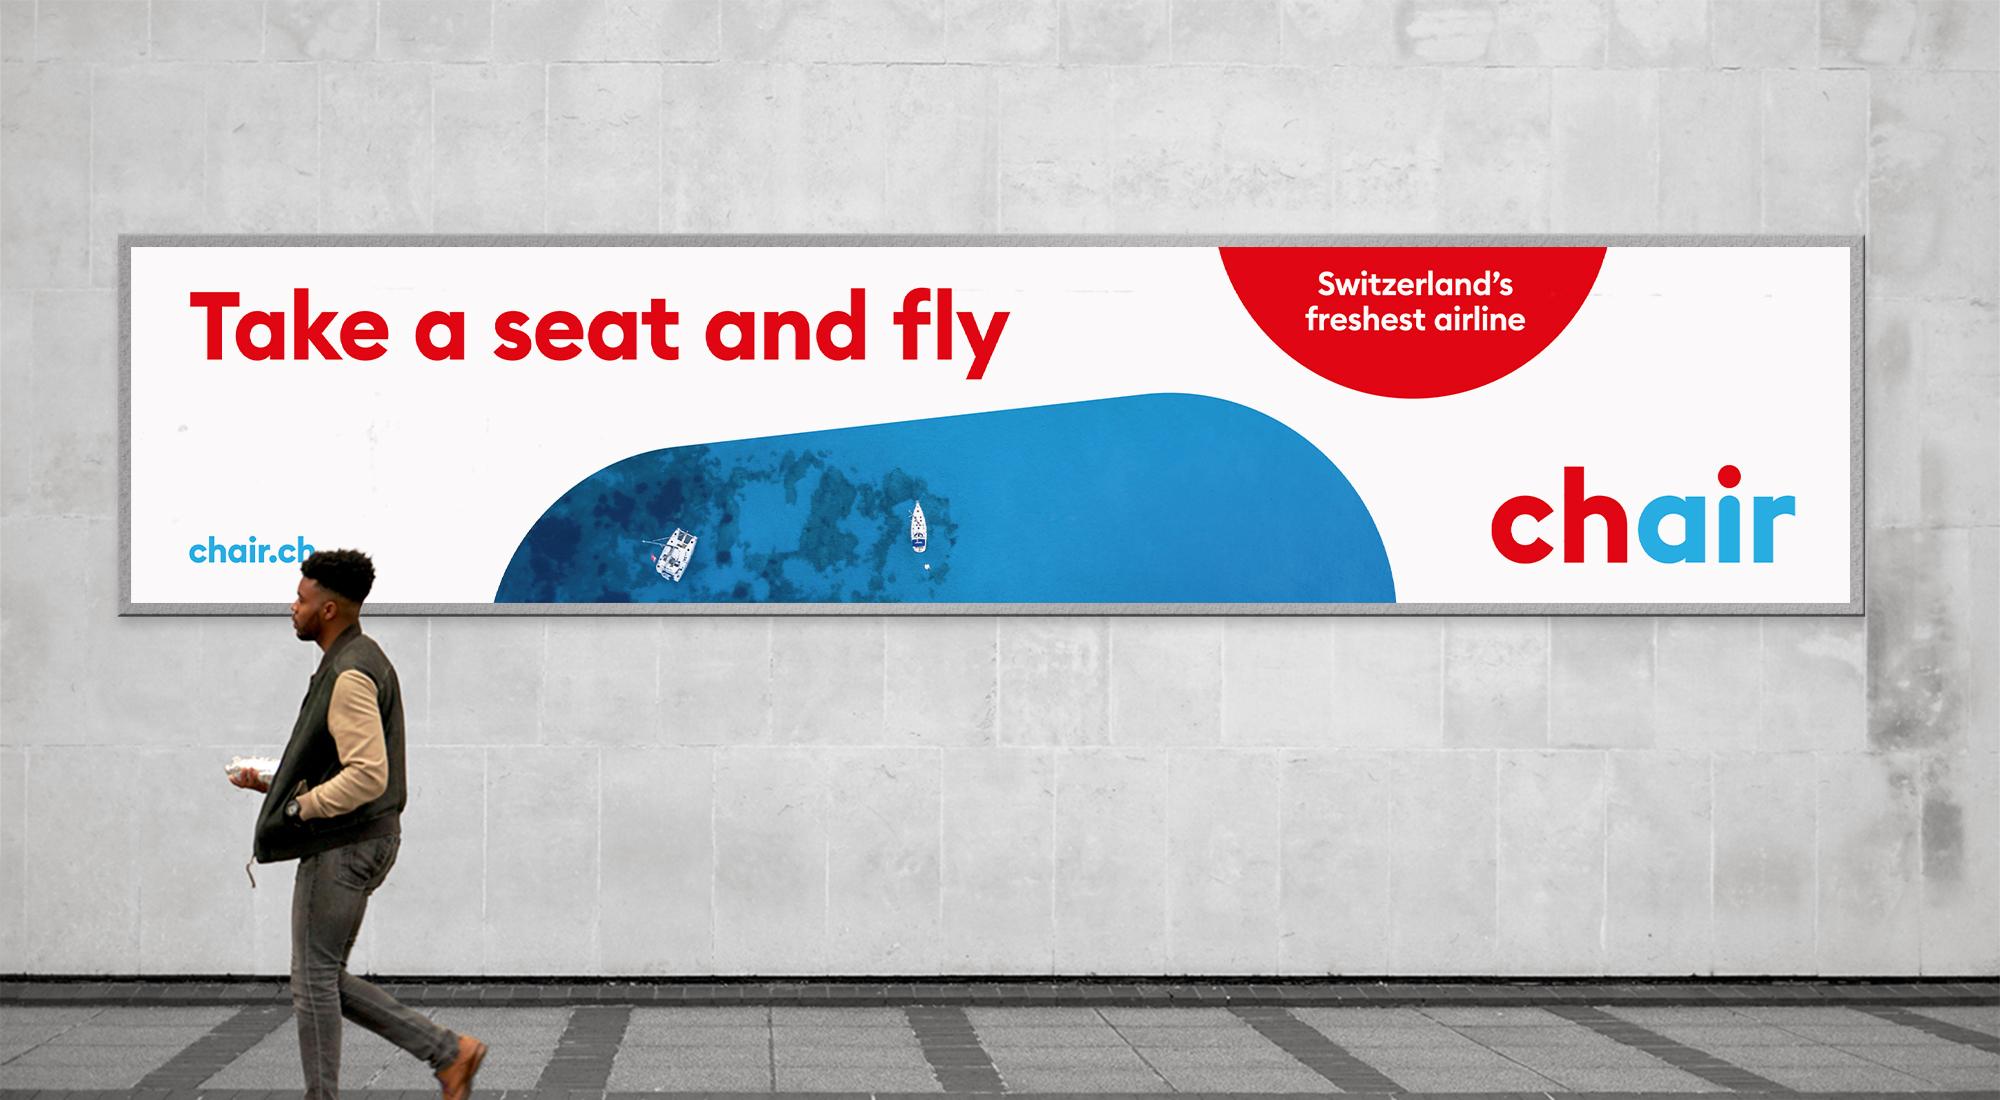 """Langes Billboard an einer Wand mit der Message """"Take a seat and fly"""", einem Meeresbild von oben, dem Claim """"Switzerland's freshest airline"""" und dem chair-Logo."""